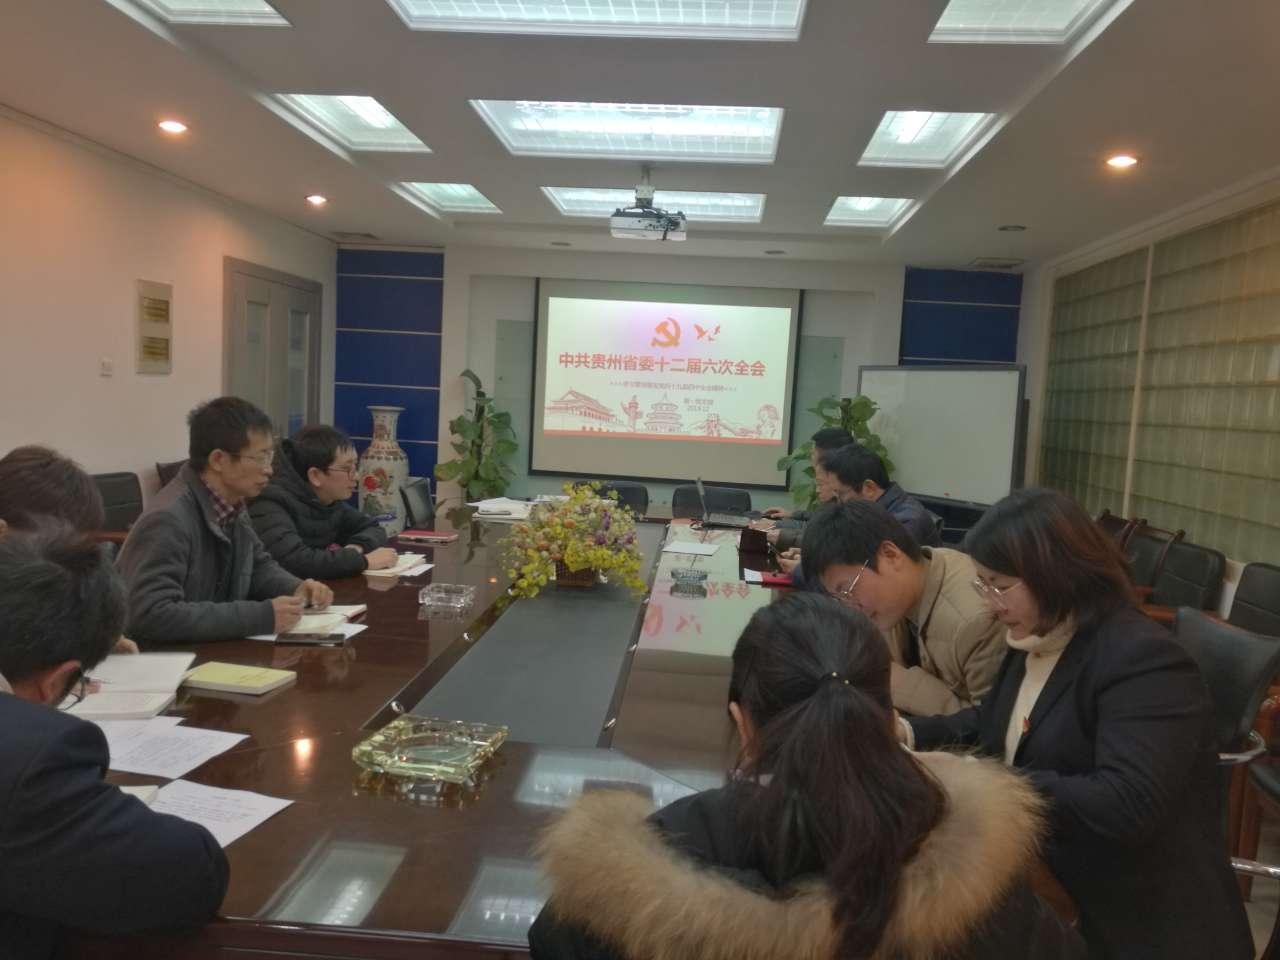 第一党支部学习贯彻贵州省委十二届六次全会精神